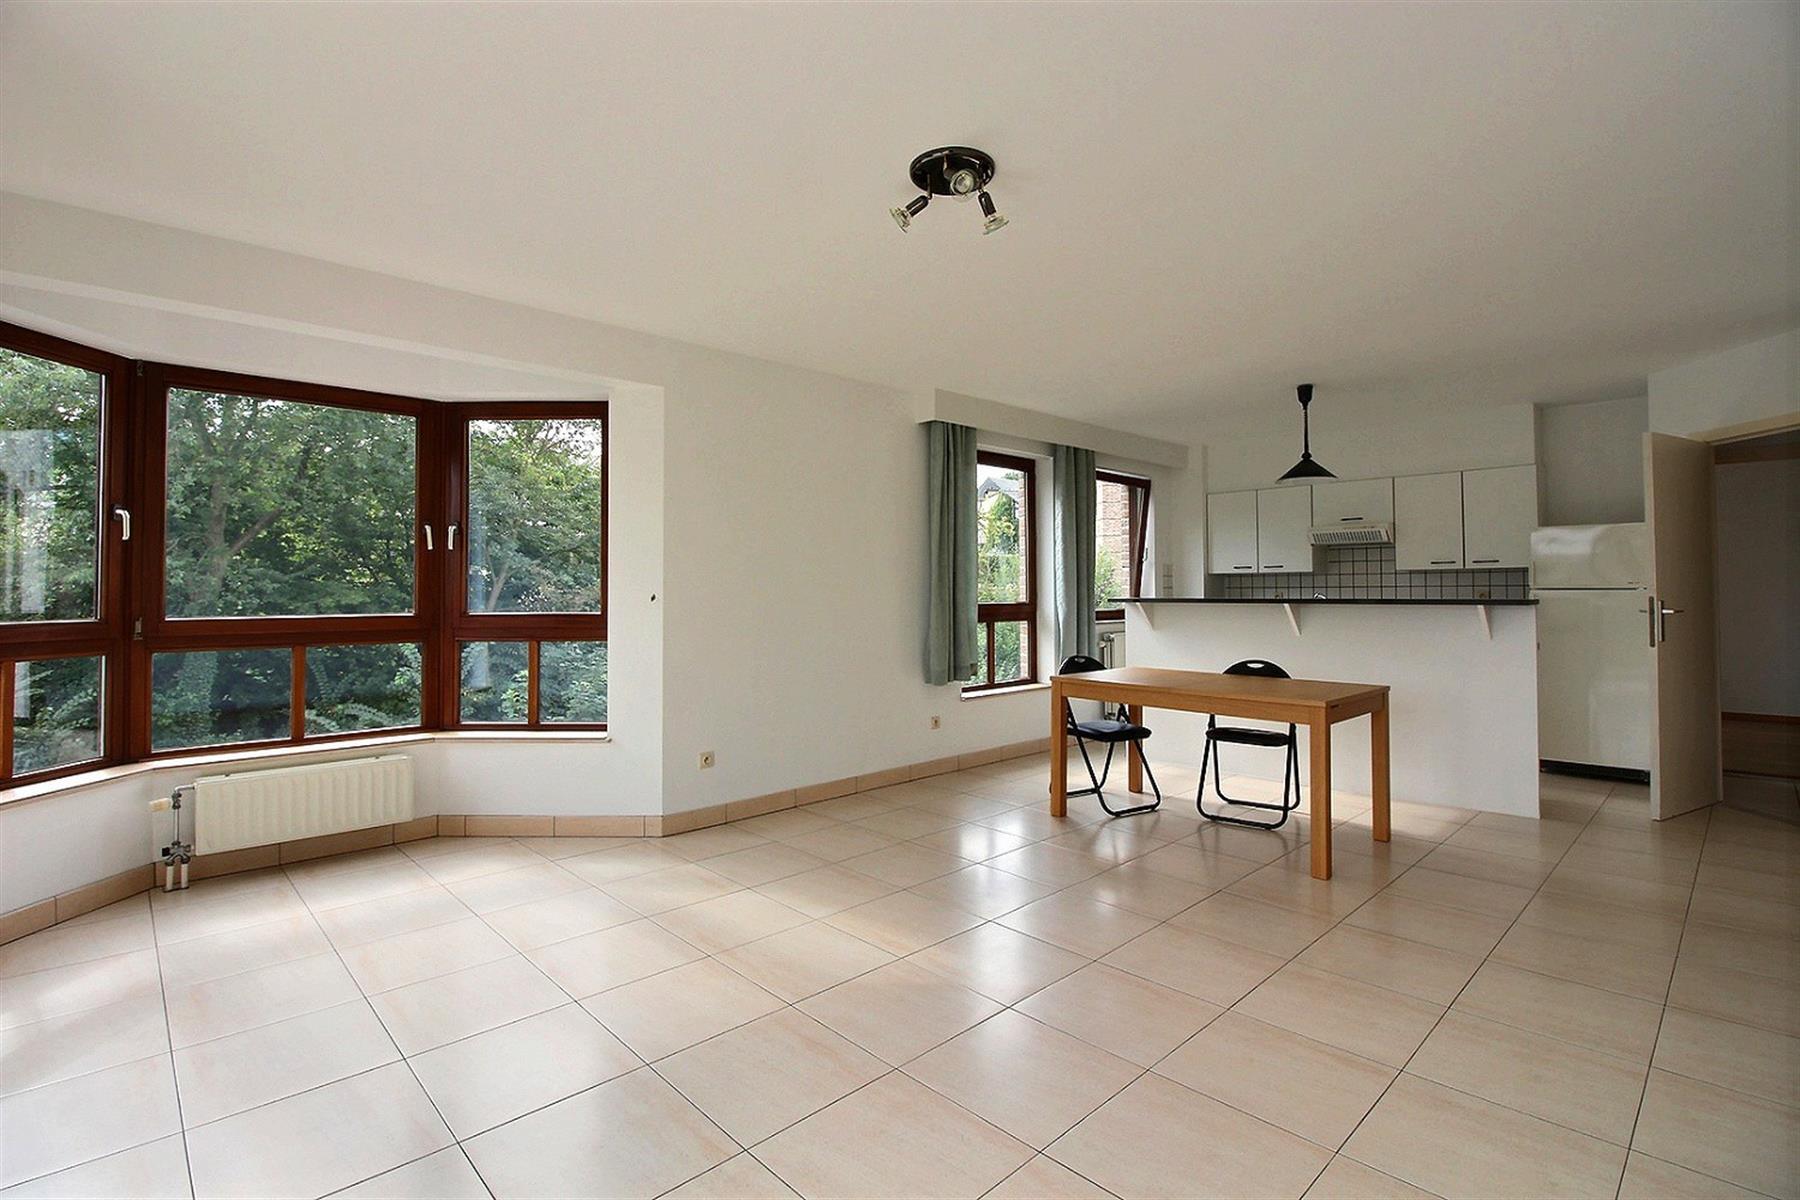 Appartement - Ottignies-Louvain-la-Neuve - #4365104-2